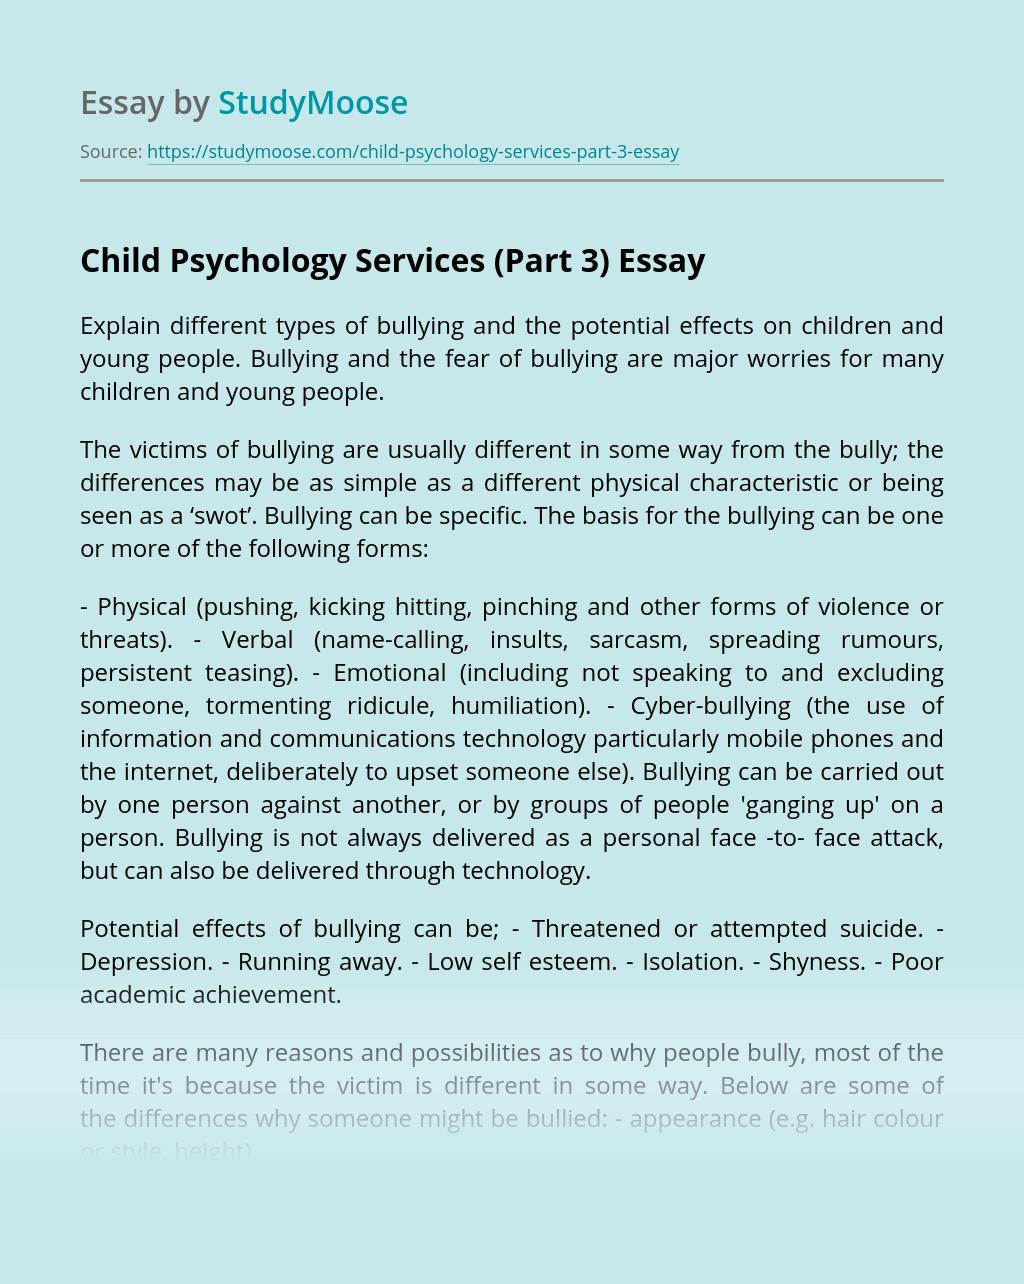 Child Psychology Services (Part 3)